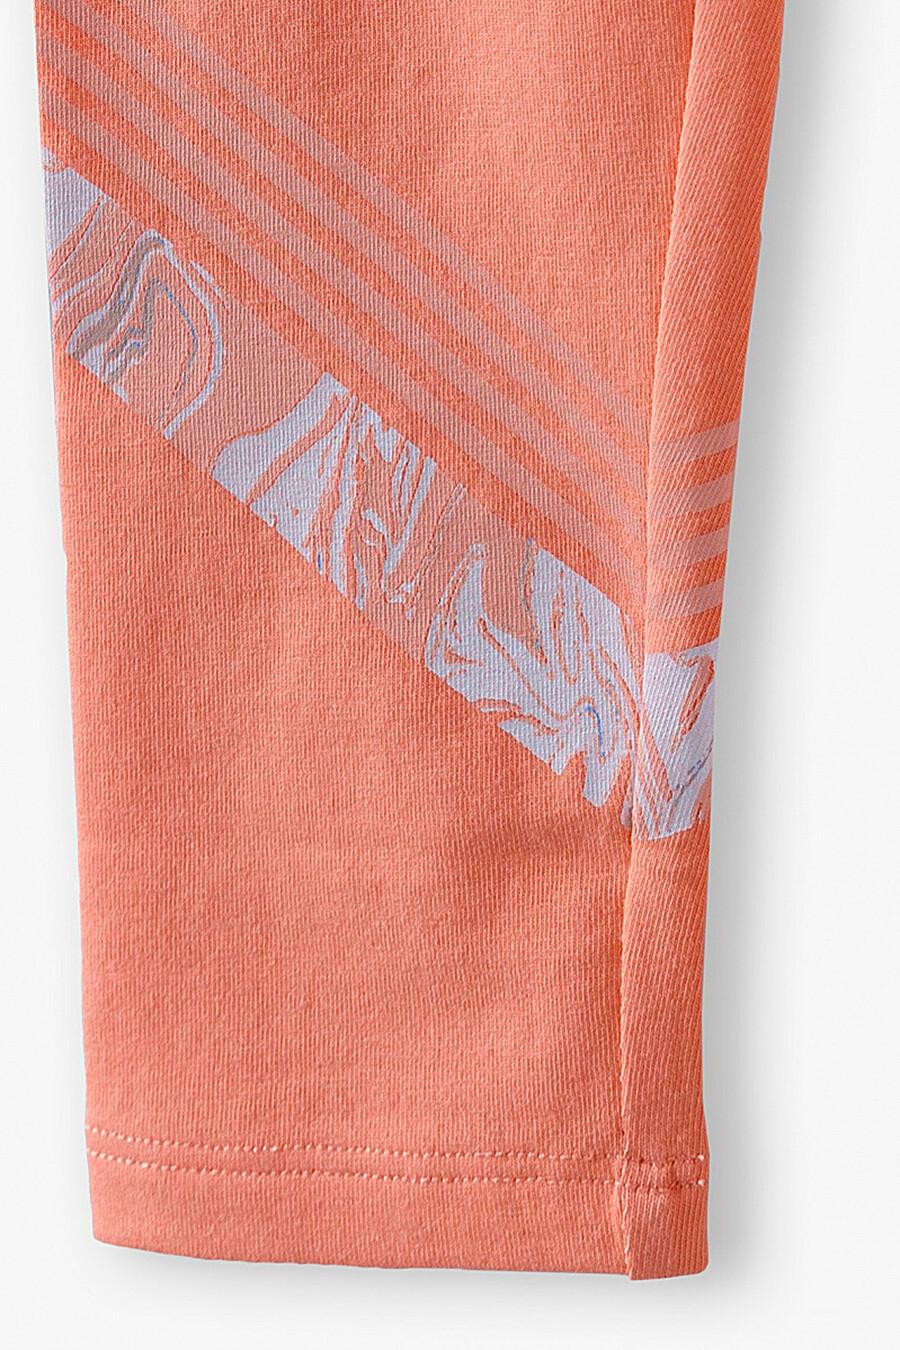 Леггинсы для девочек 5.10.15 668560 купить оптом от производителя. Совместная покупка детской одежды в OptMoyo